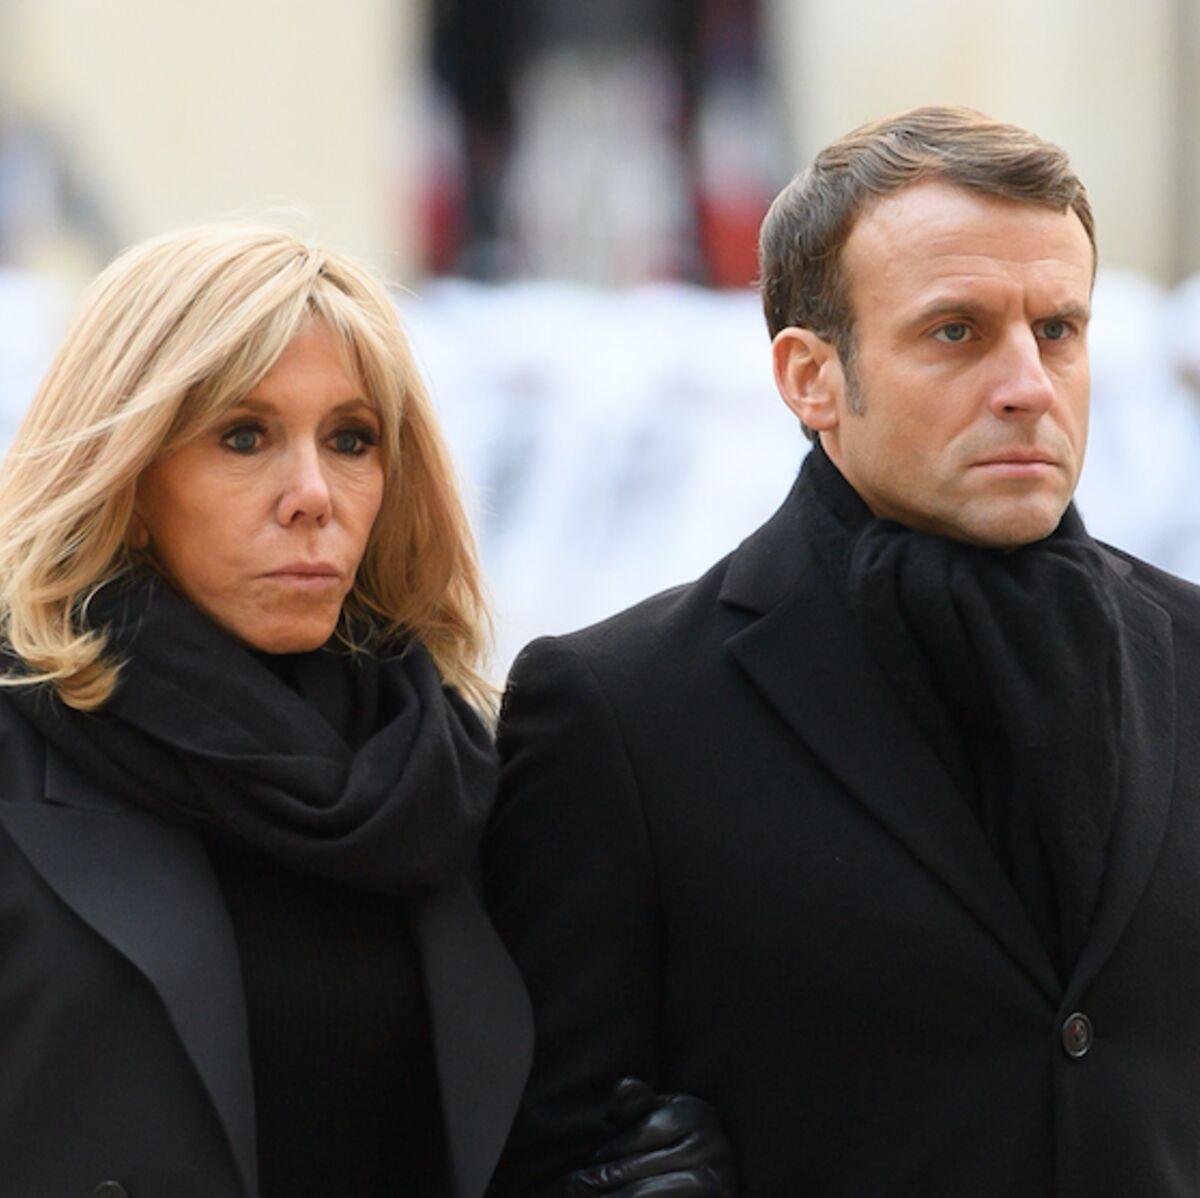 Brigitte Macron Cette Petite Phrase Qui En Dit Long Sur Sa Relation Avec Emmanuel Macron Femme Actuelle Le Mag